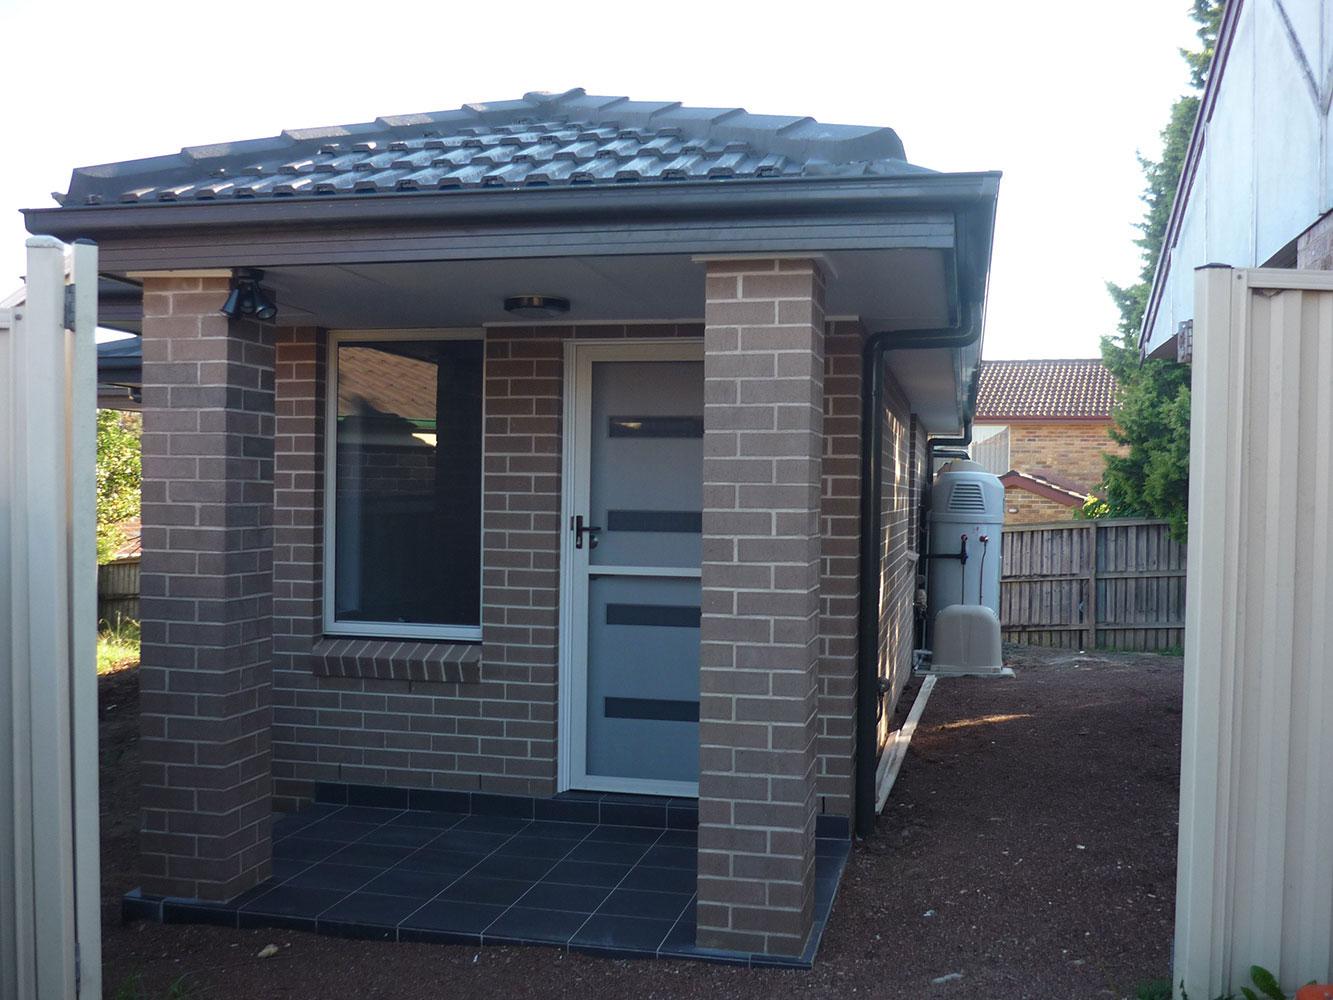 Brick granny flat external 1.3